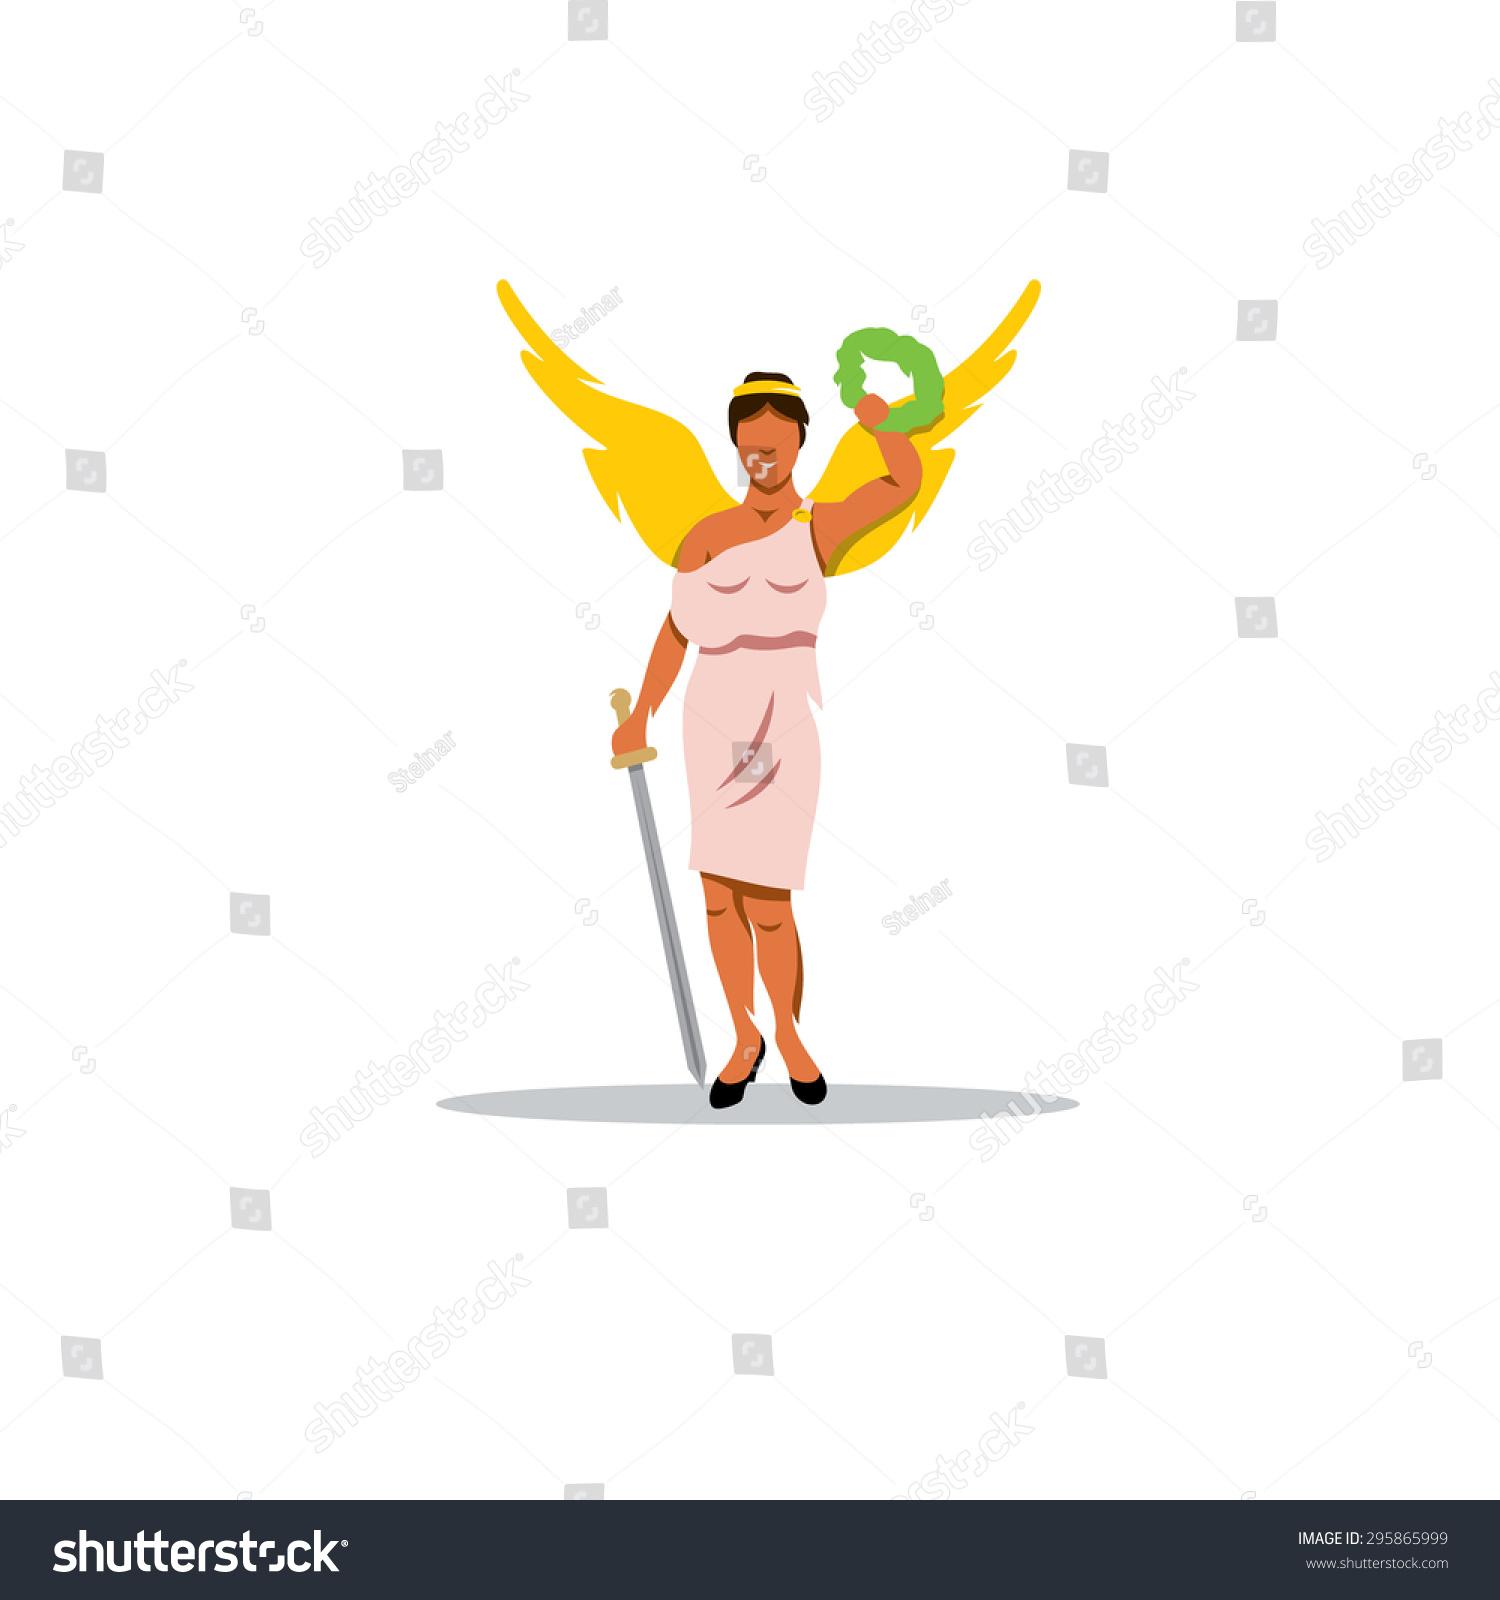 Royalty Free Stock Illustration Of Nike Sign Mythological Greek